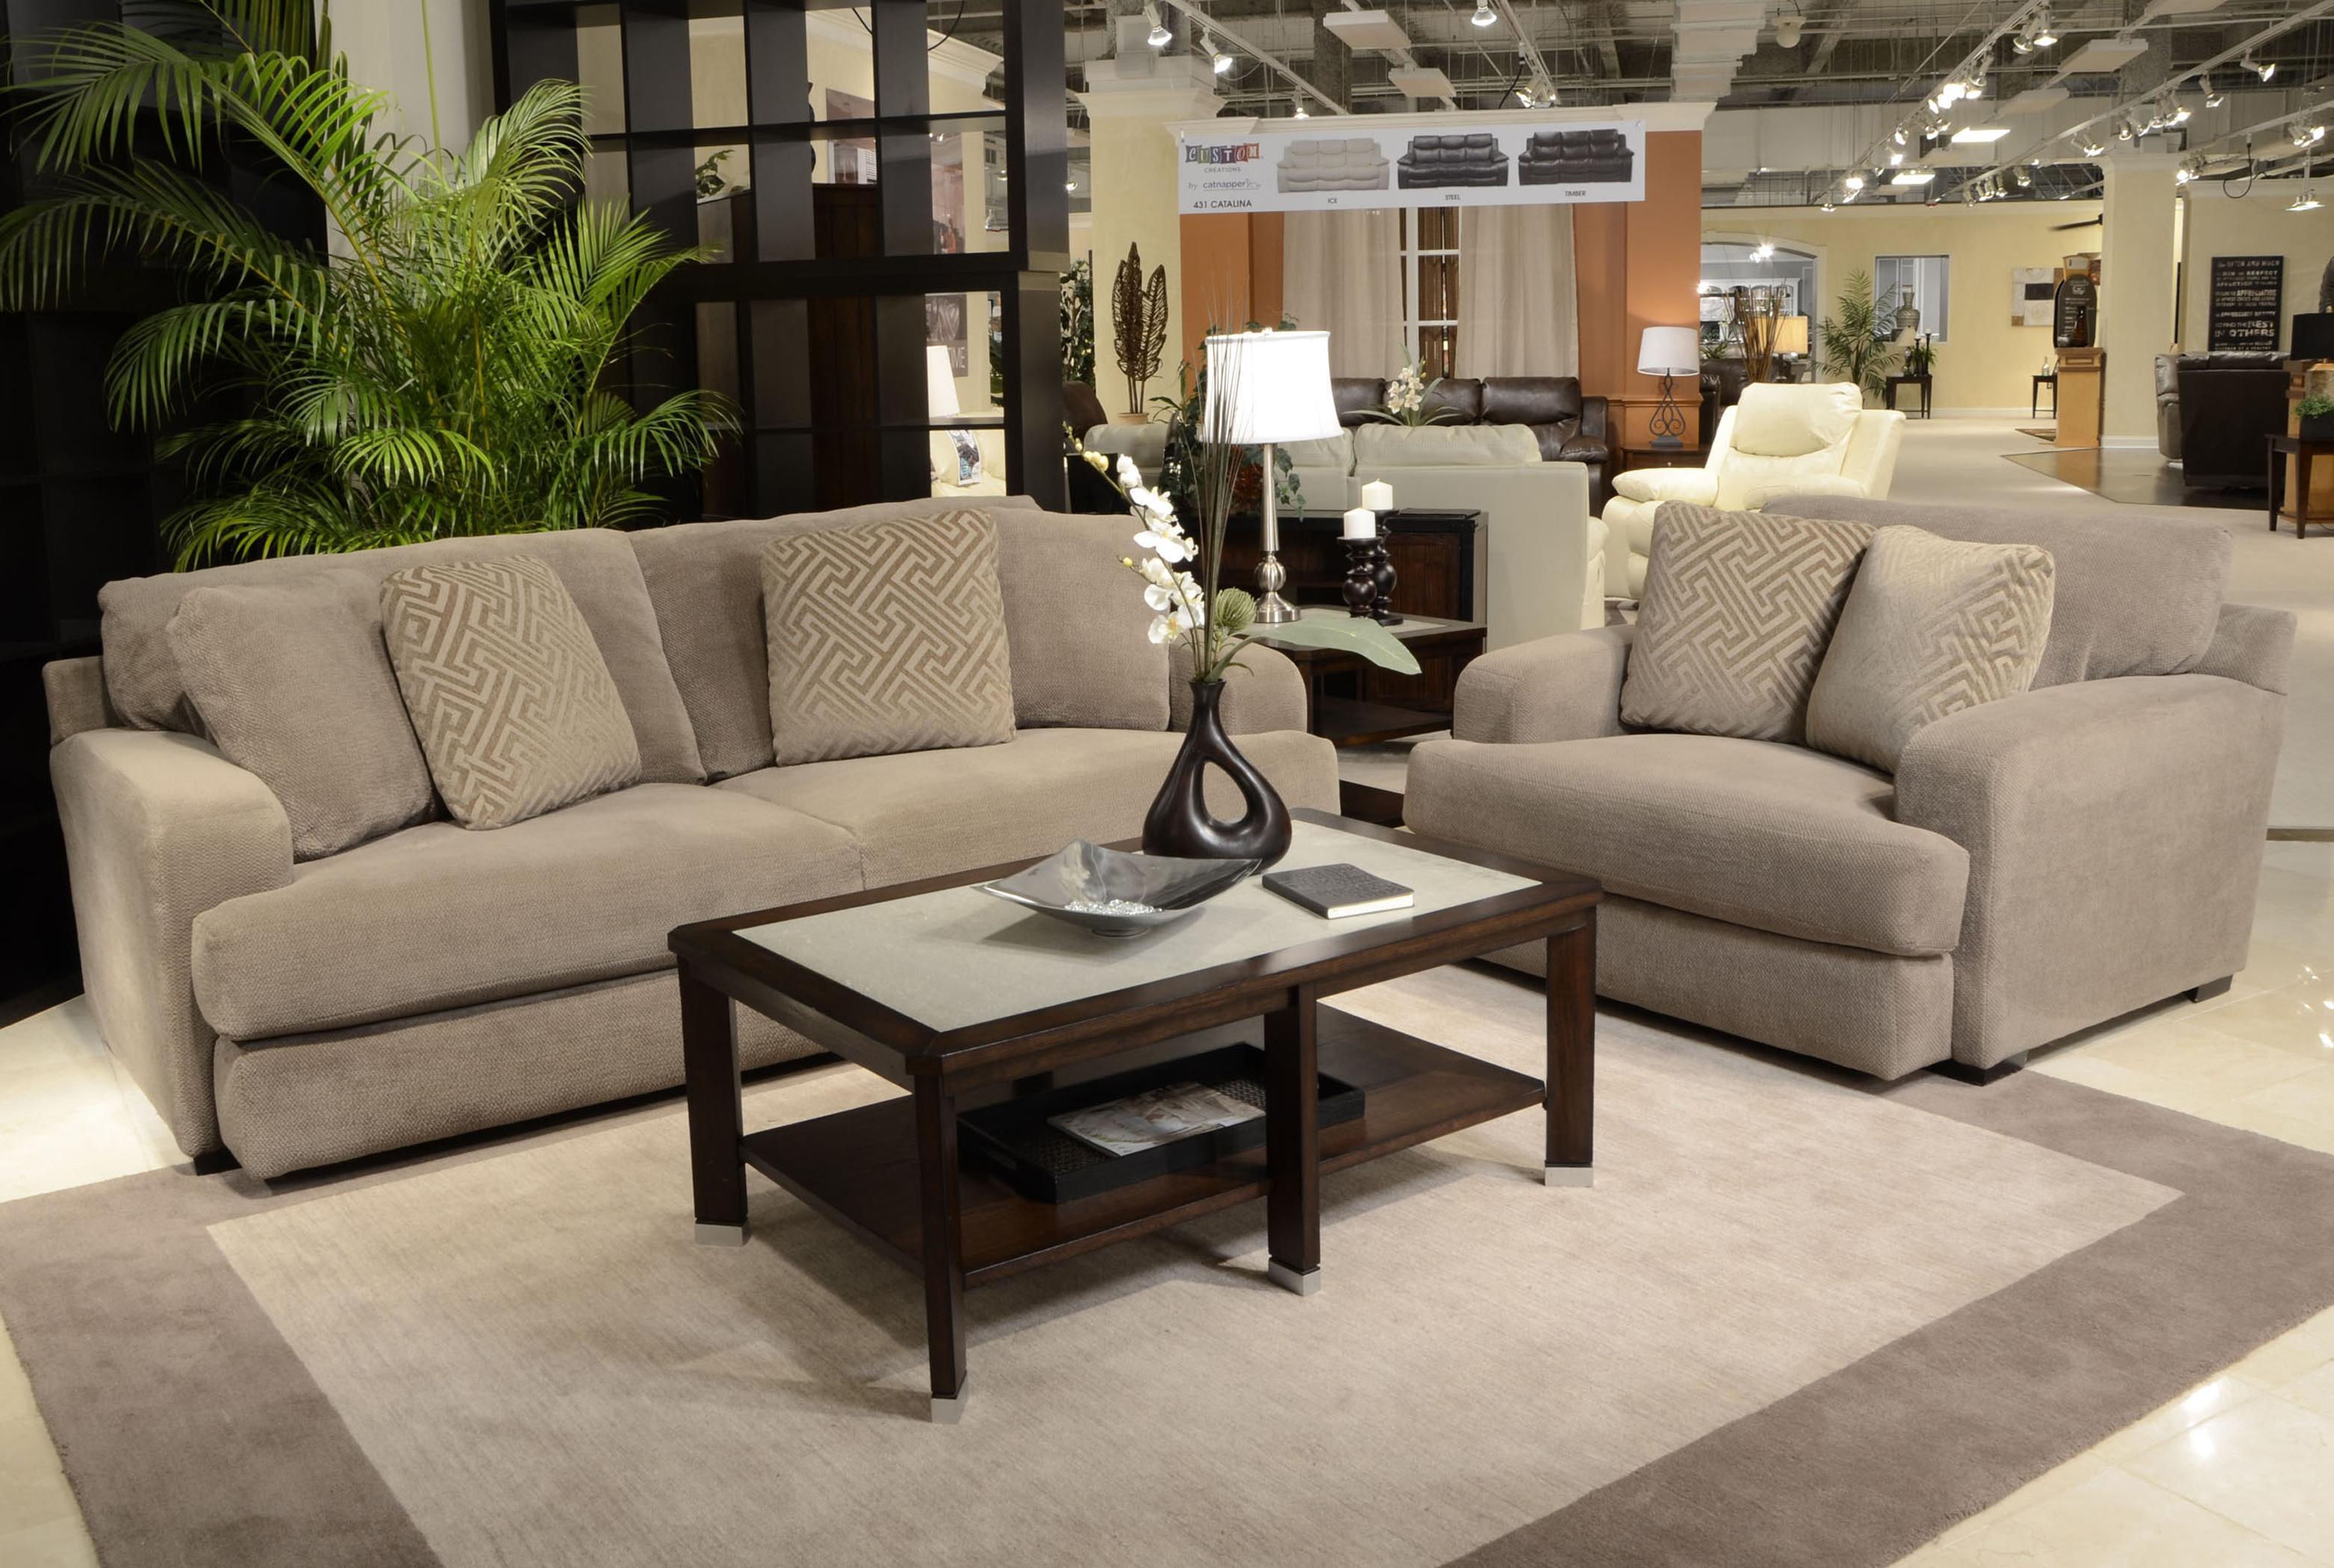 Jackson Furniture Palisades Stationary Living Room Group - Item Number: 4186 Livinig Room Group 5